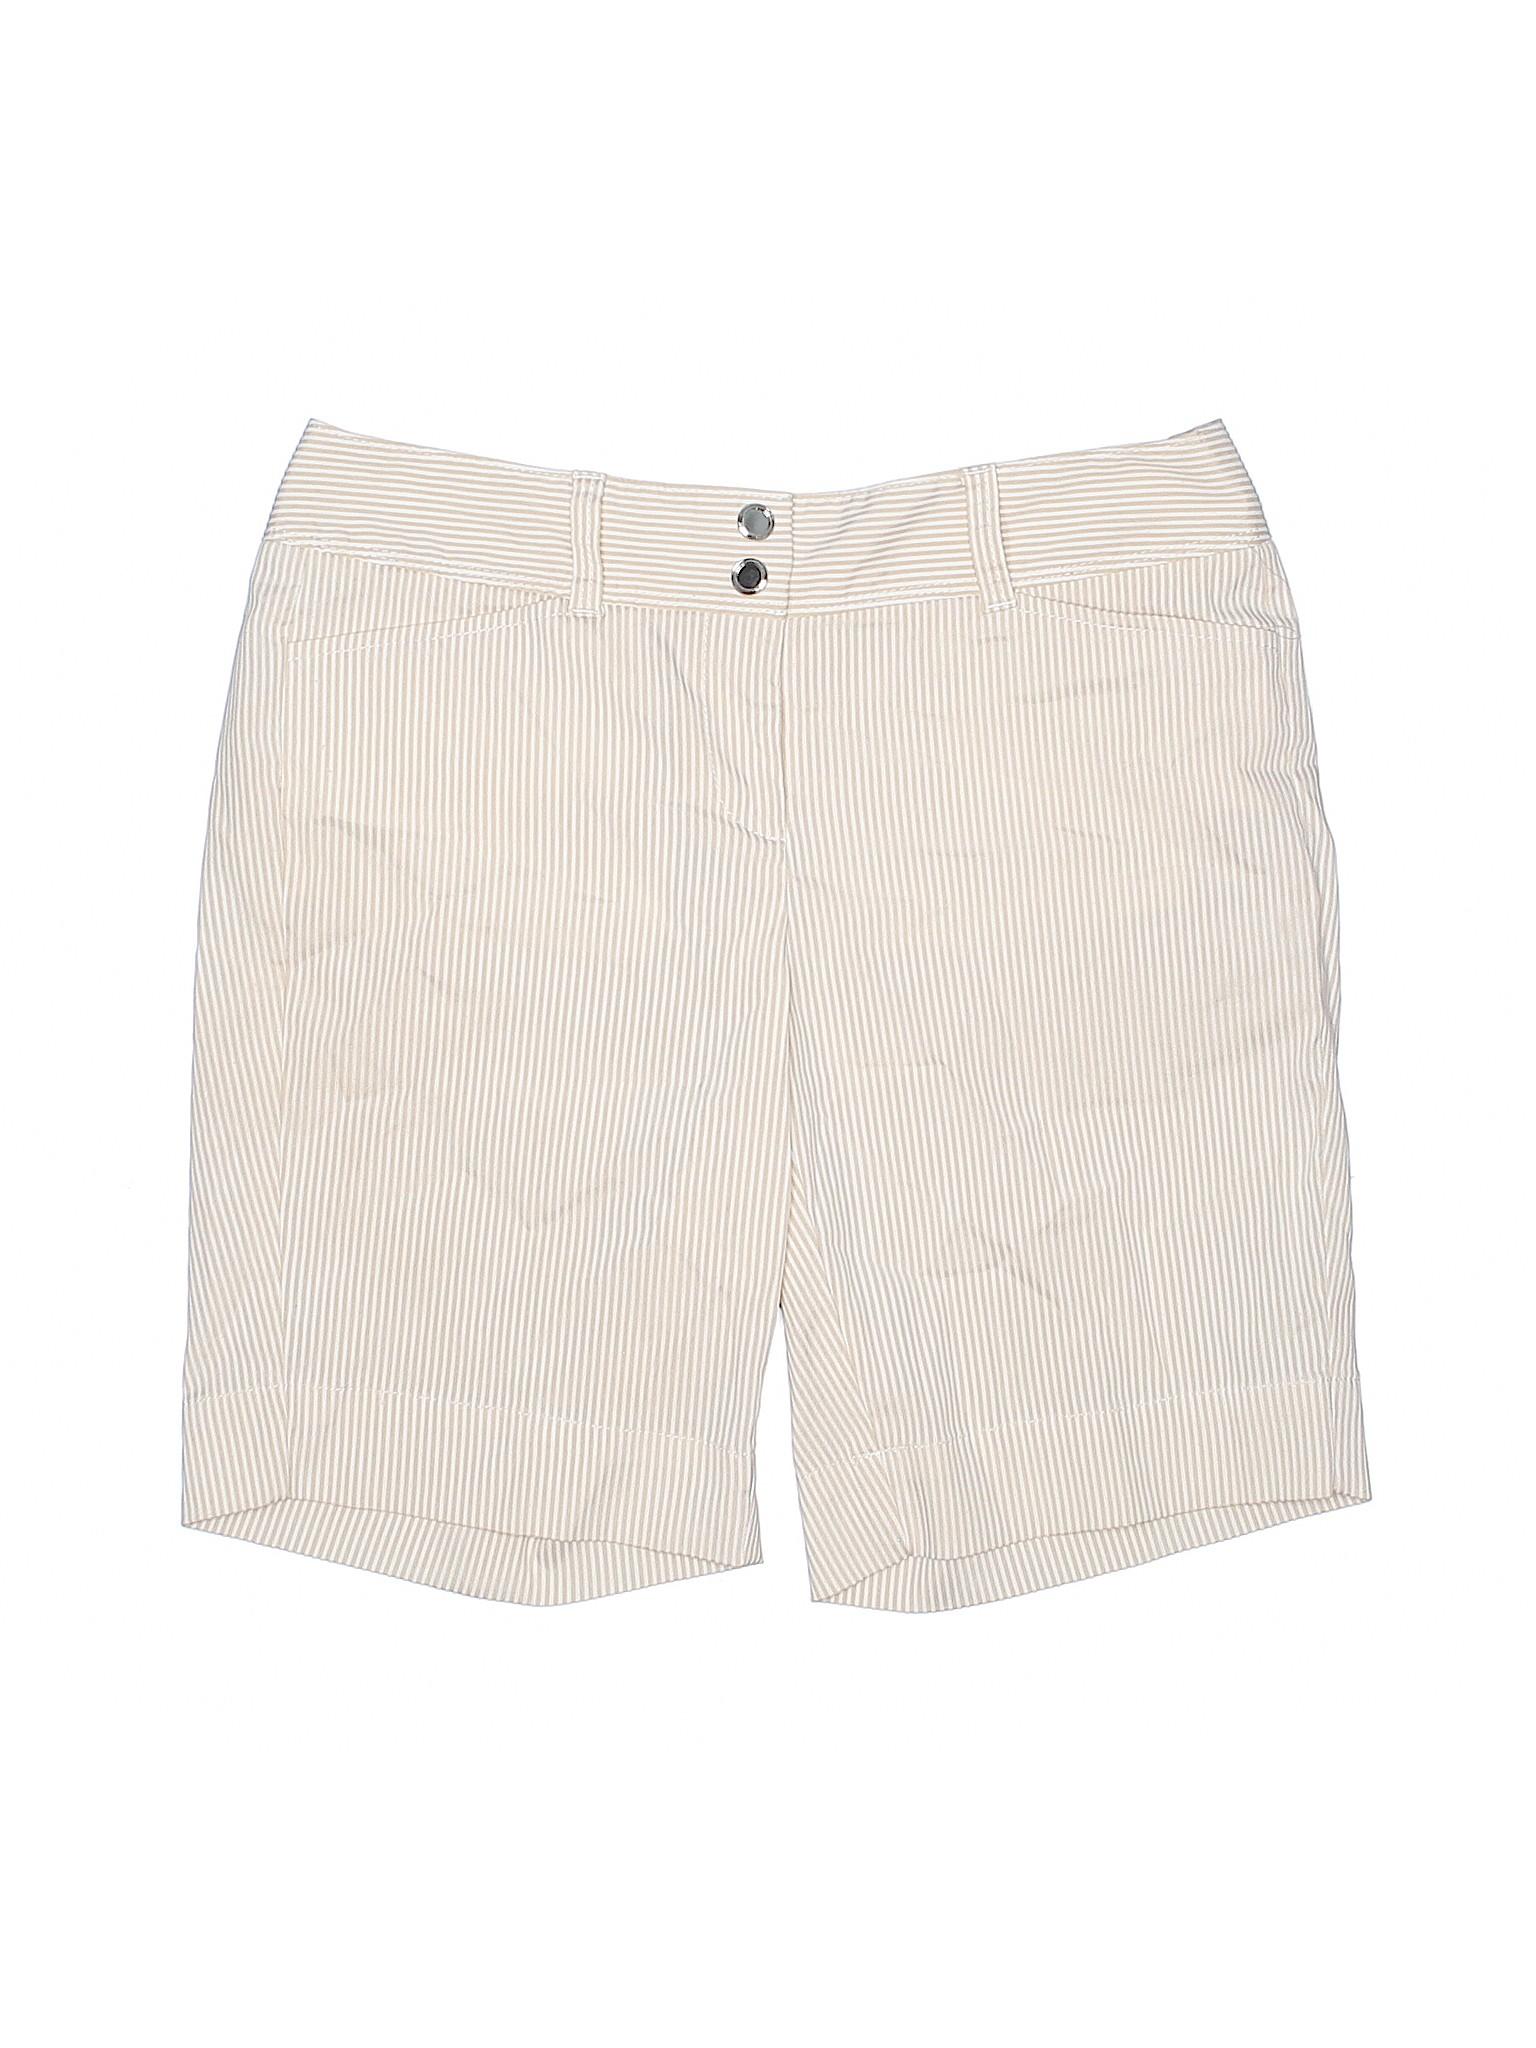 Boutique Shorts White Black Market House rnHrXq